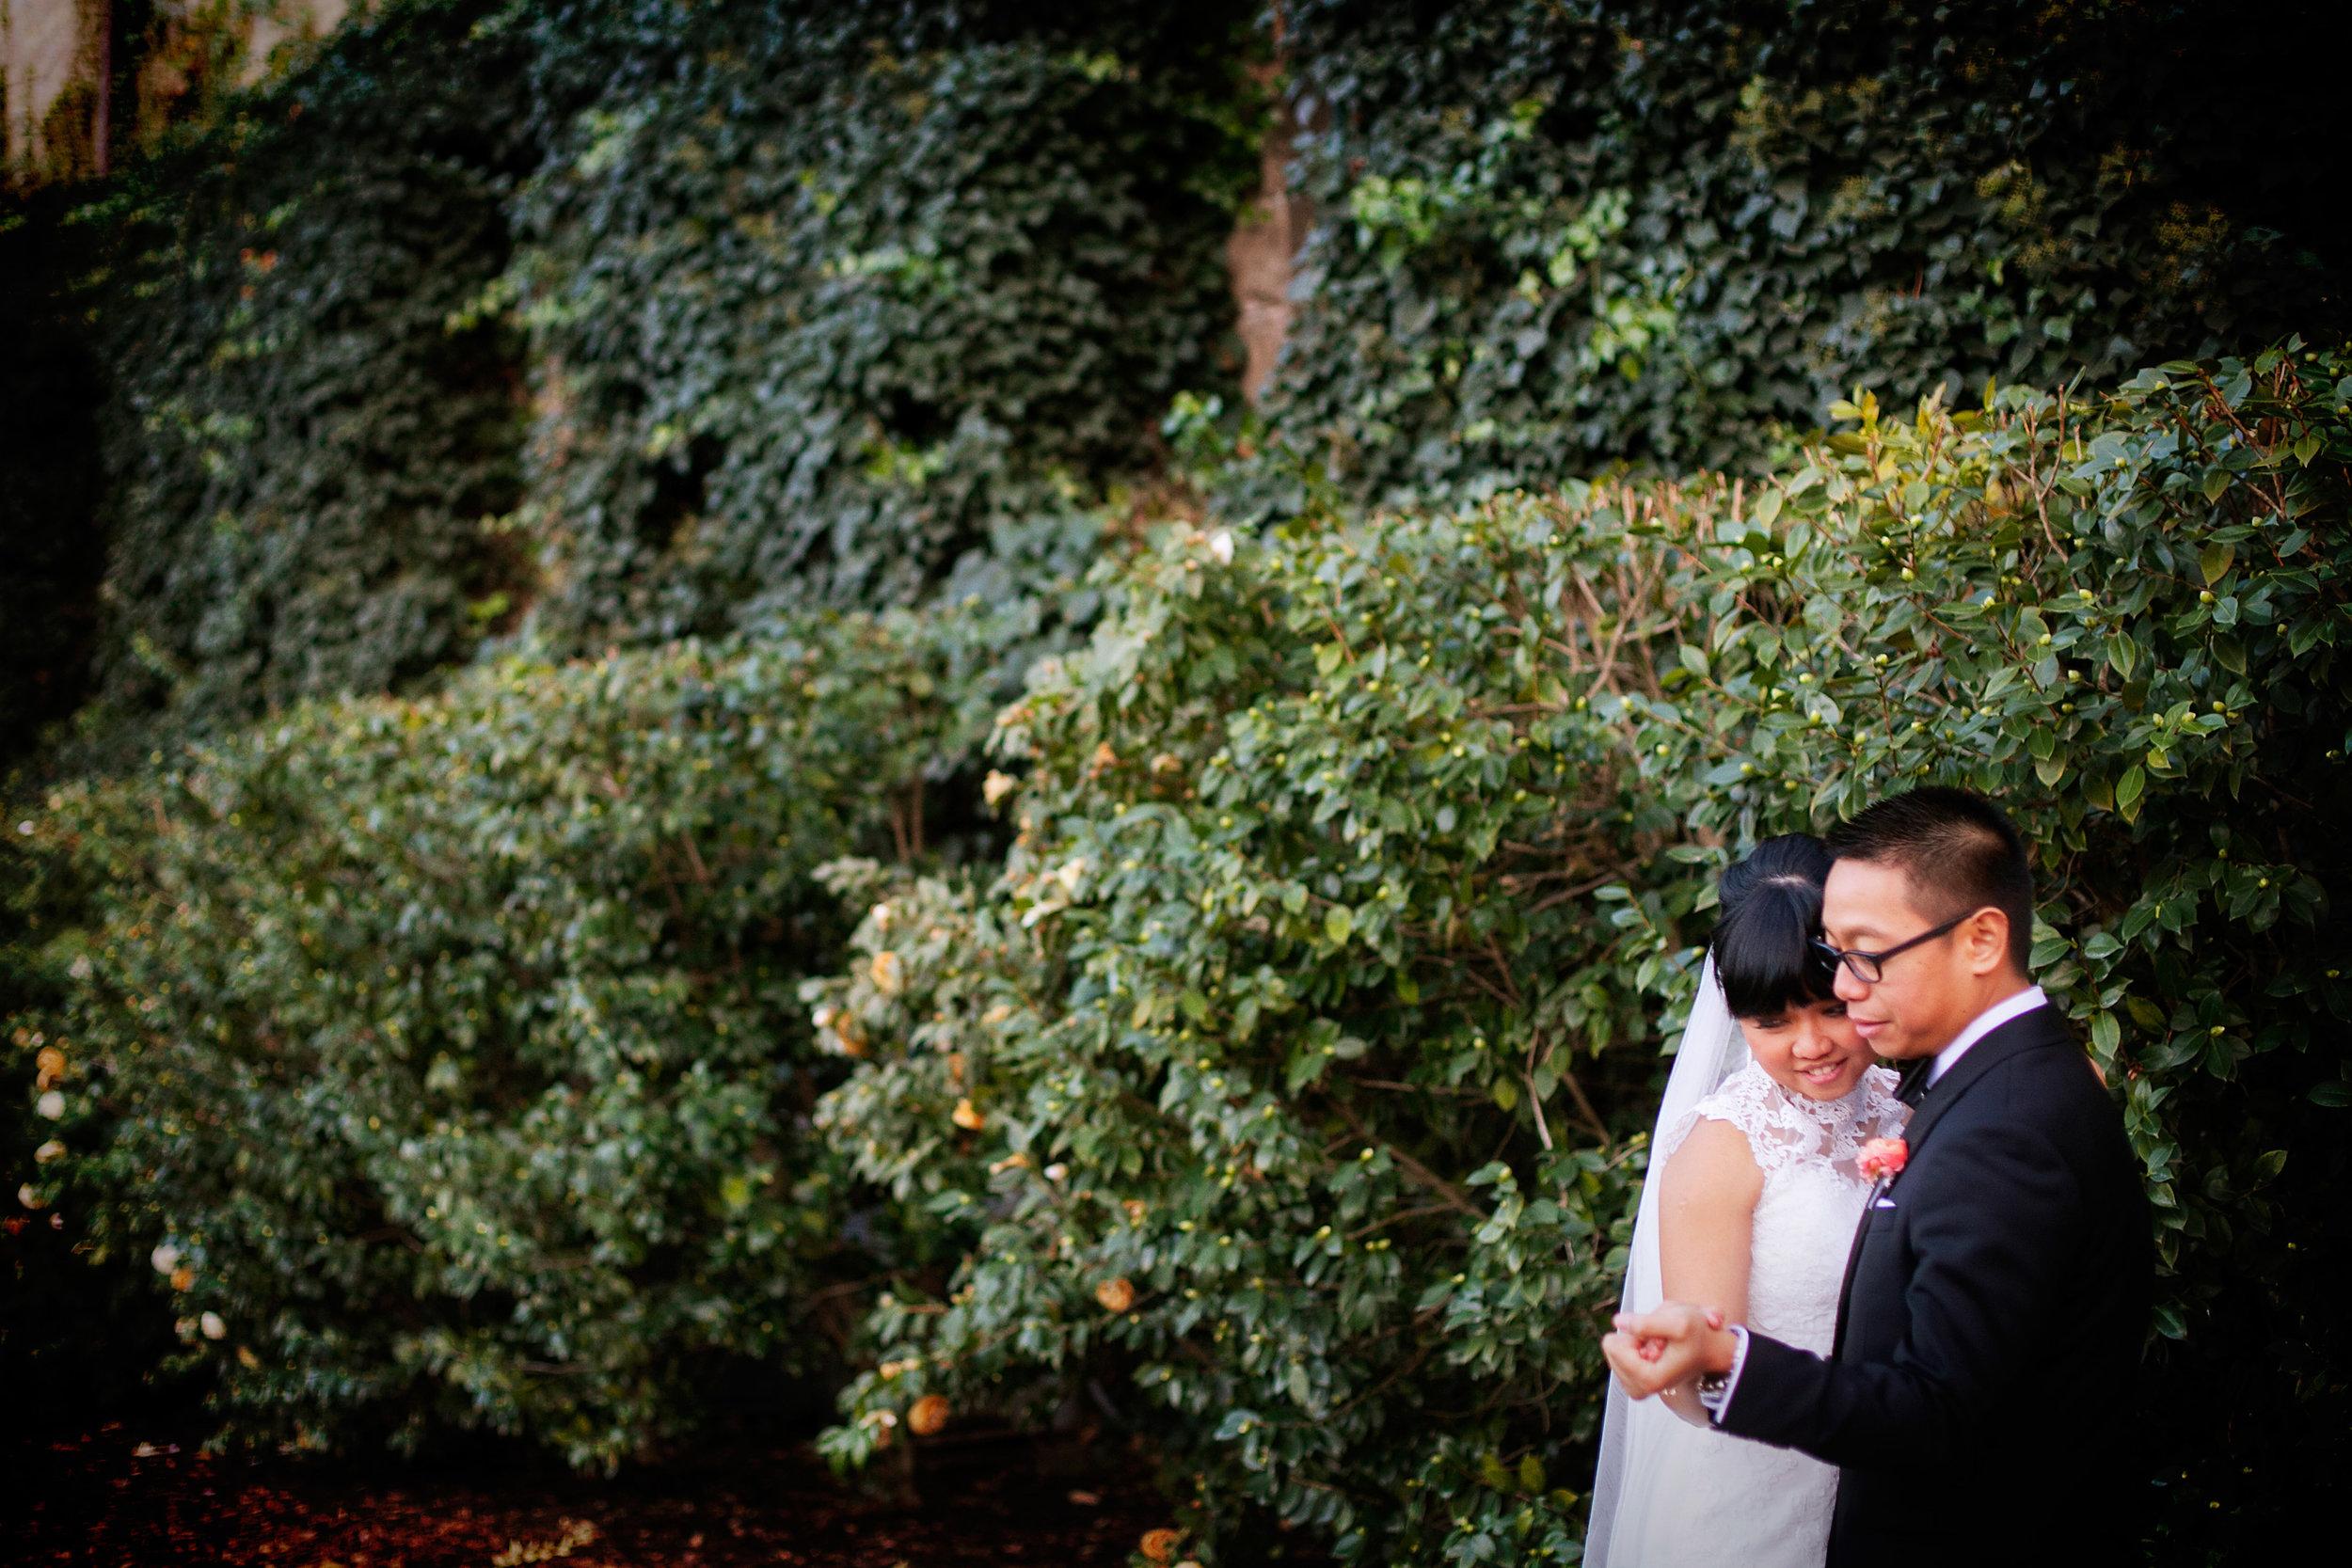 Best-Napa-Valley-Wedding-Venues-Culinary-Institute-of-America.jpg